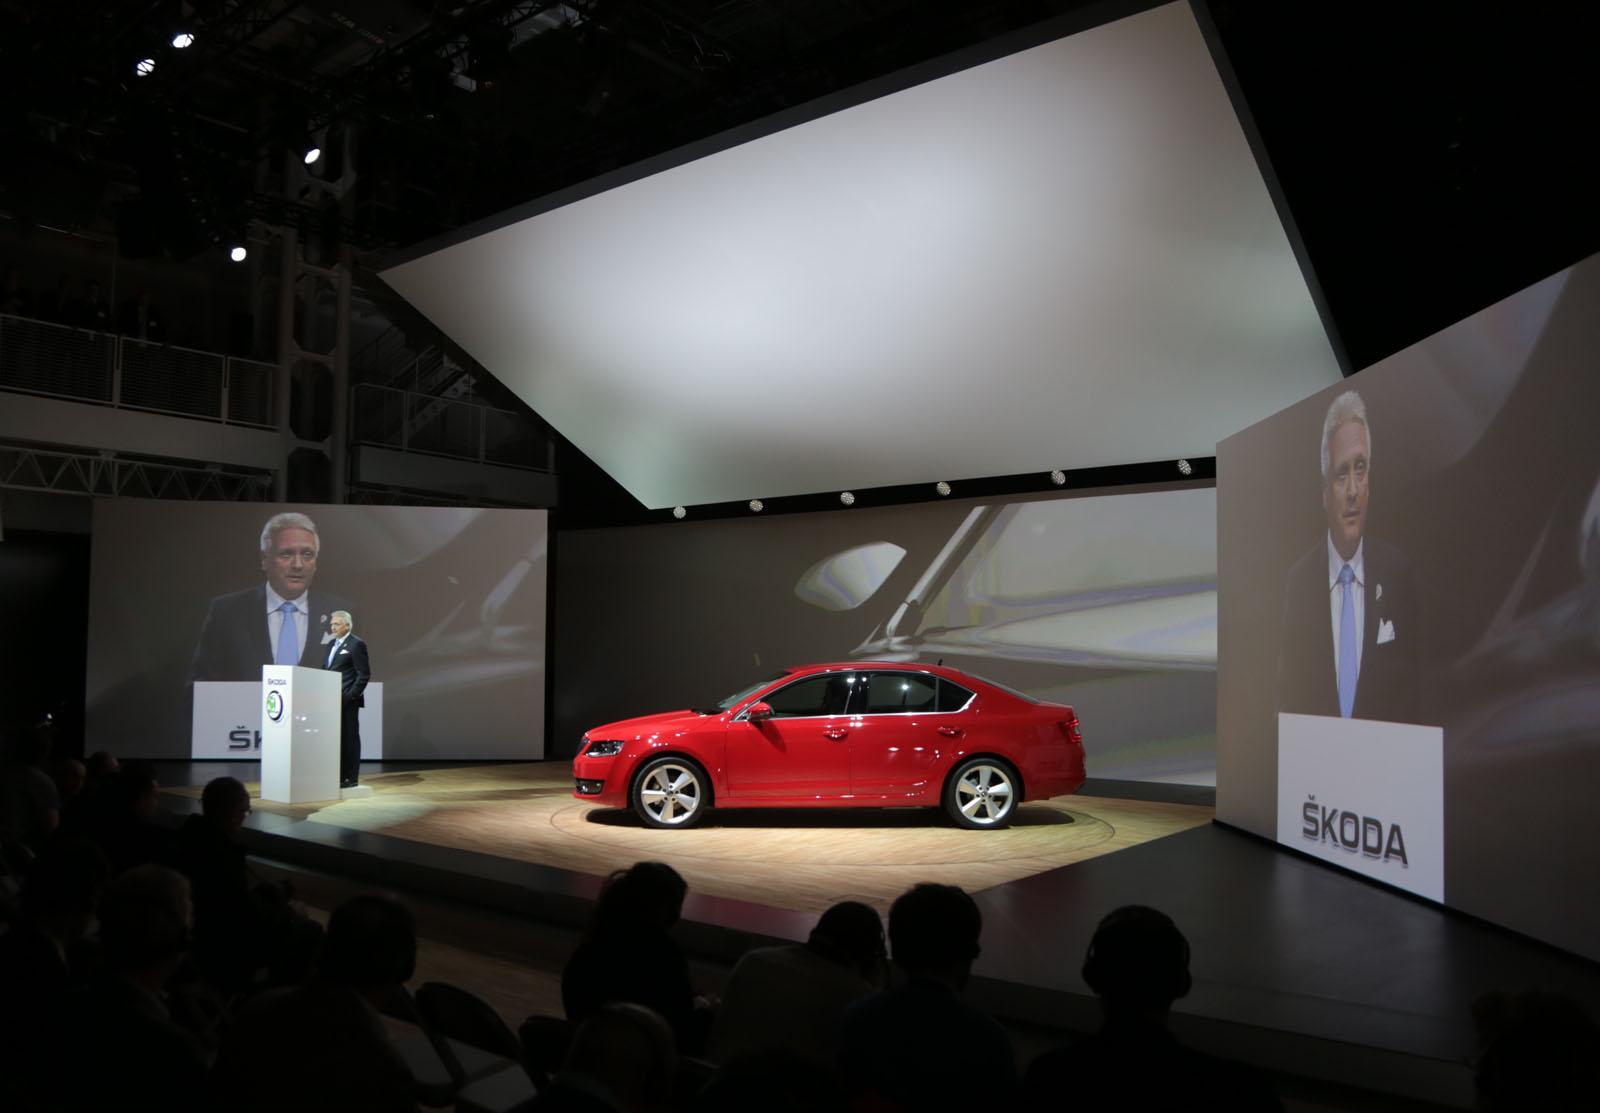 2013 Skoda Octavia Car Show